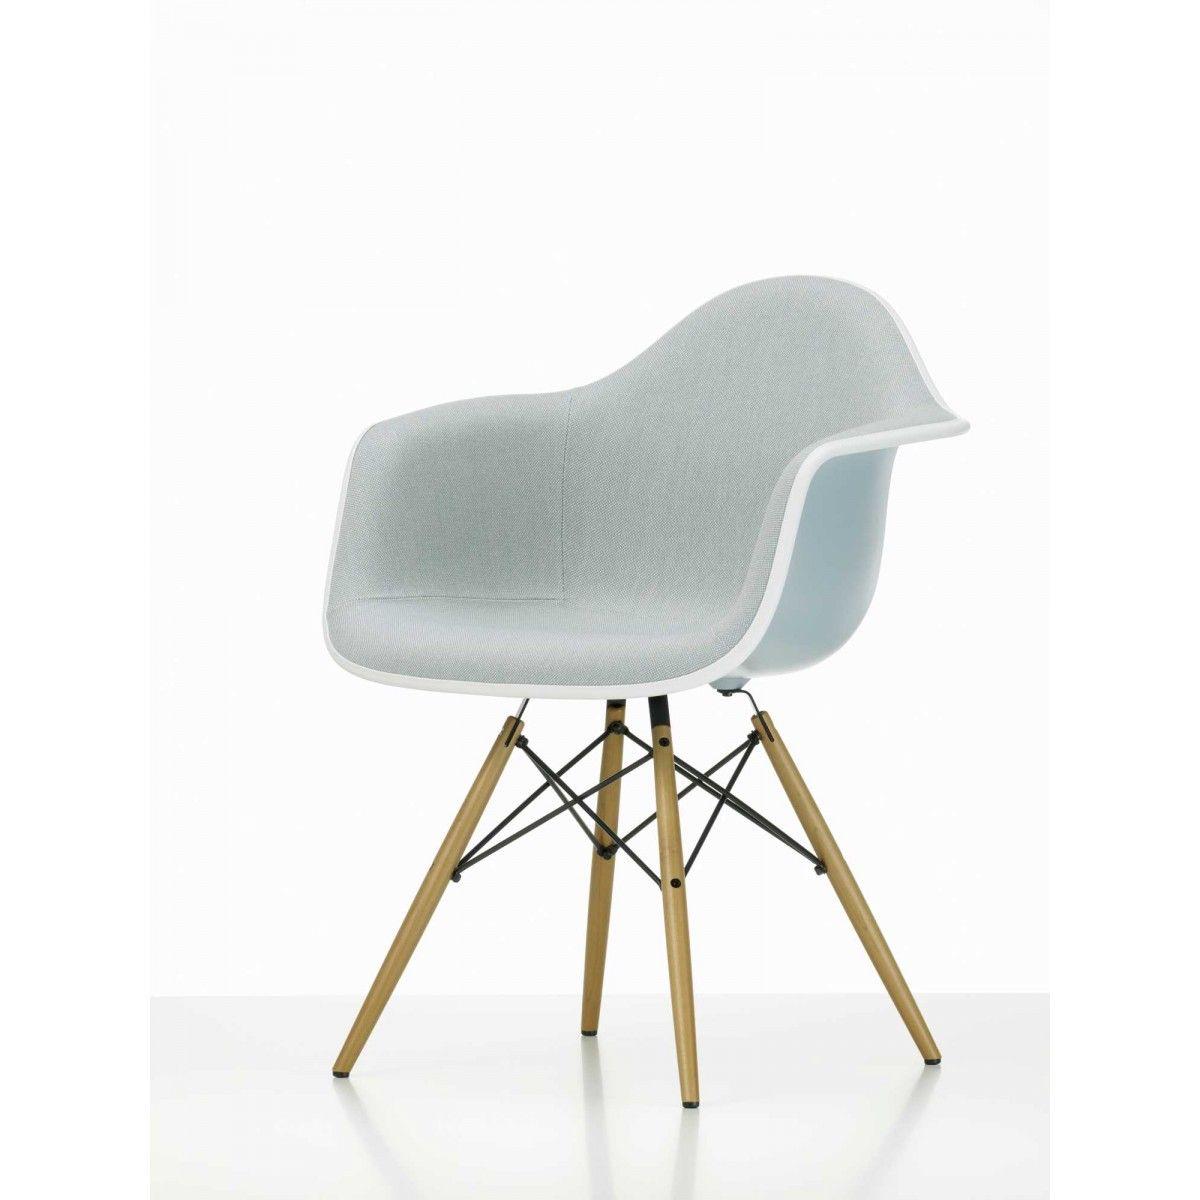 Eames Plastic Arm Chair DAW Stuhl Vollgepolstert Vitra